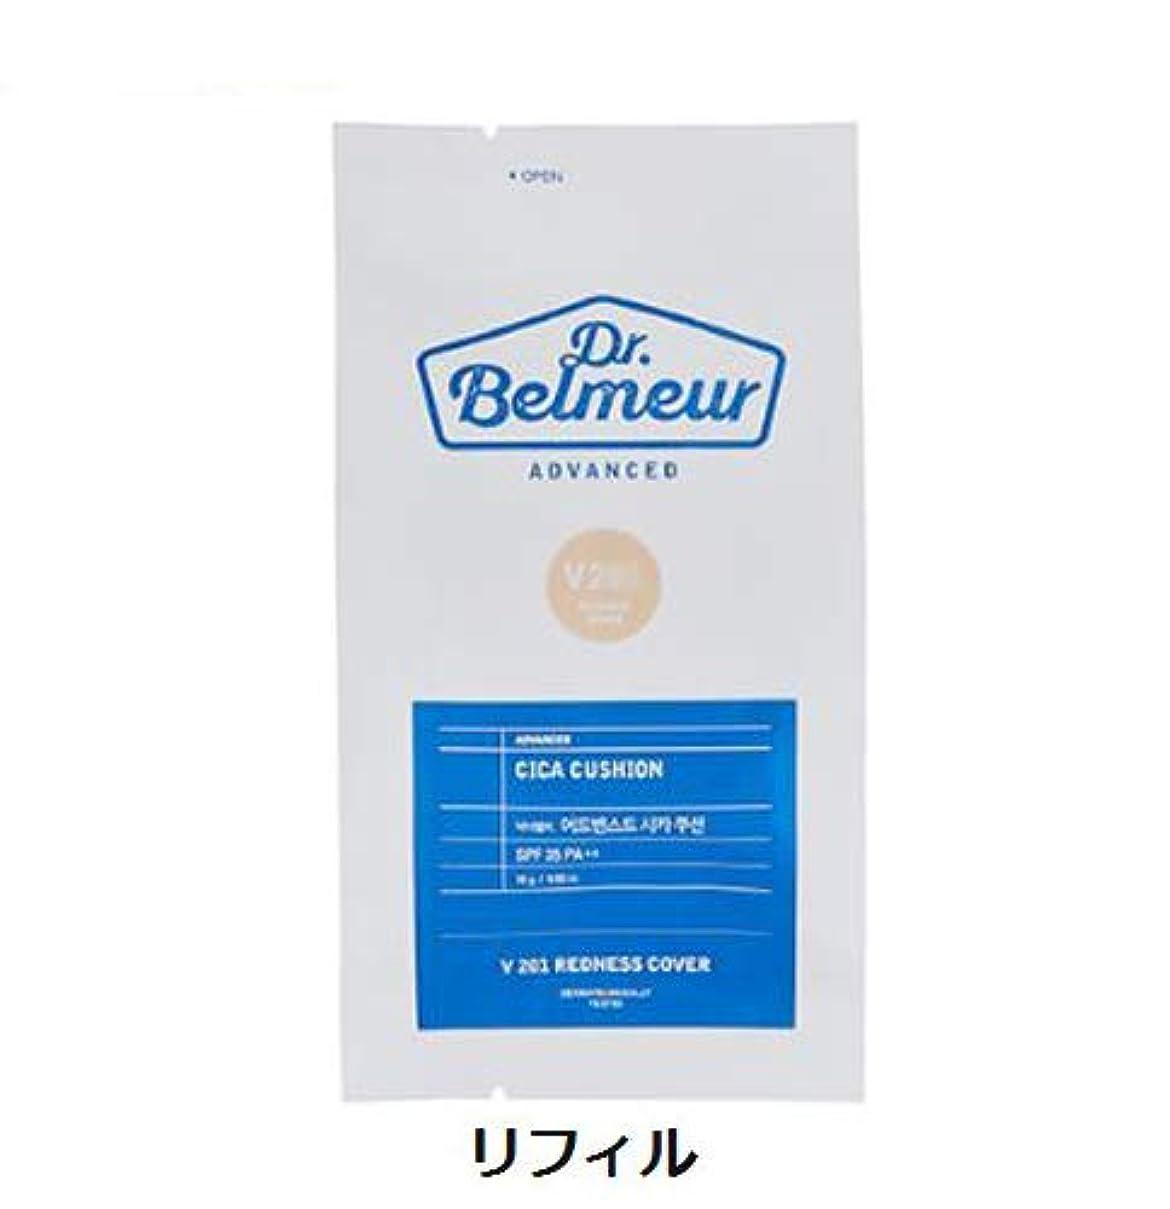 スポークスマンささやきアスリート[ザ?フェイスショップ] THE FACE SHOP [ドクターベルモ CICA レッドネスカバークッション 15g] (Dr.Belmeur Advanced CICA Cushion - Redness Cover...